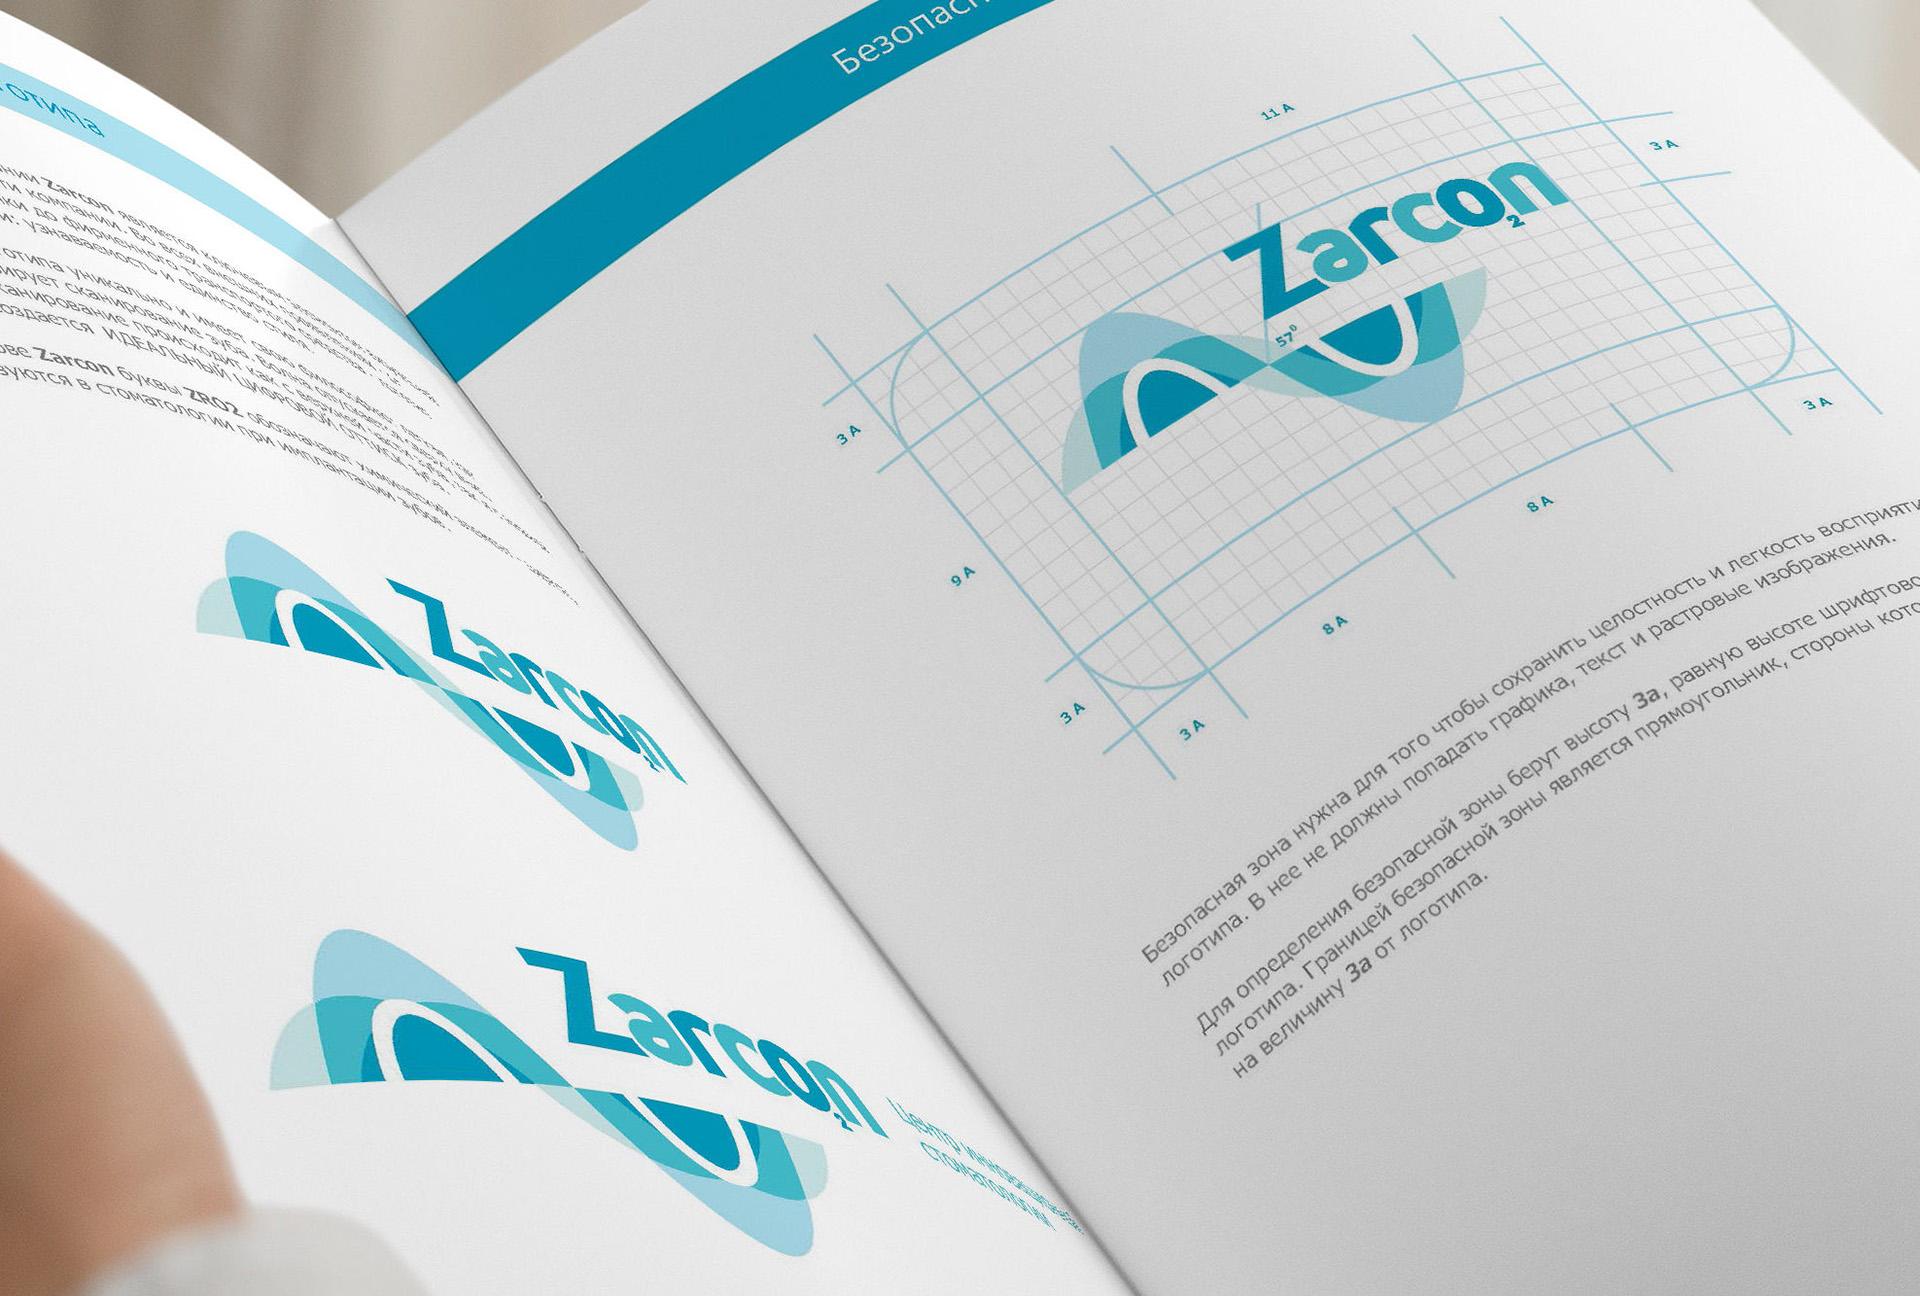 разработка брендбка и логотипа медицина